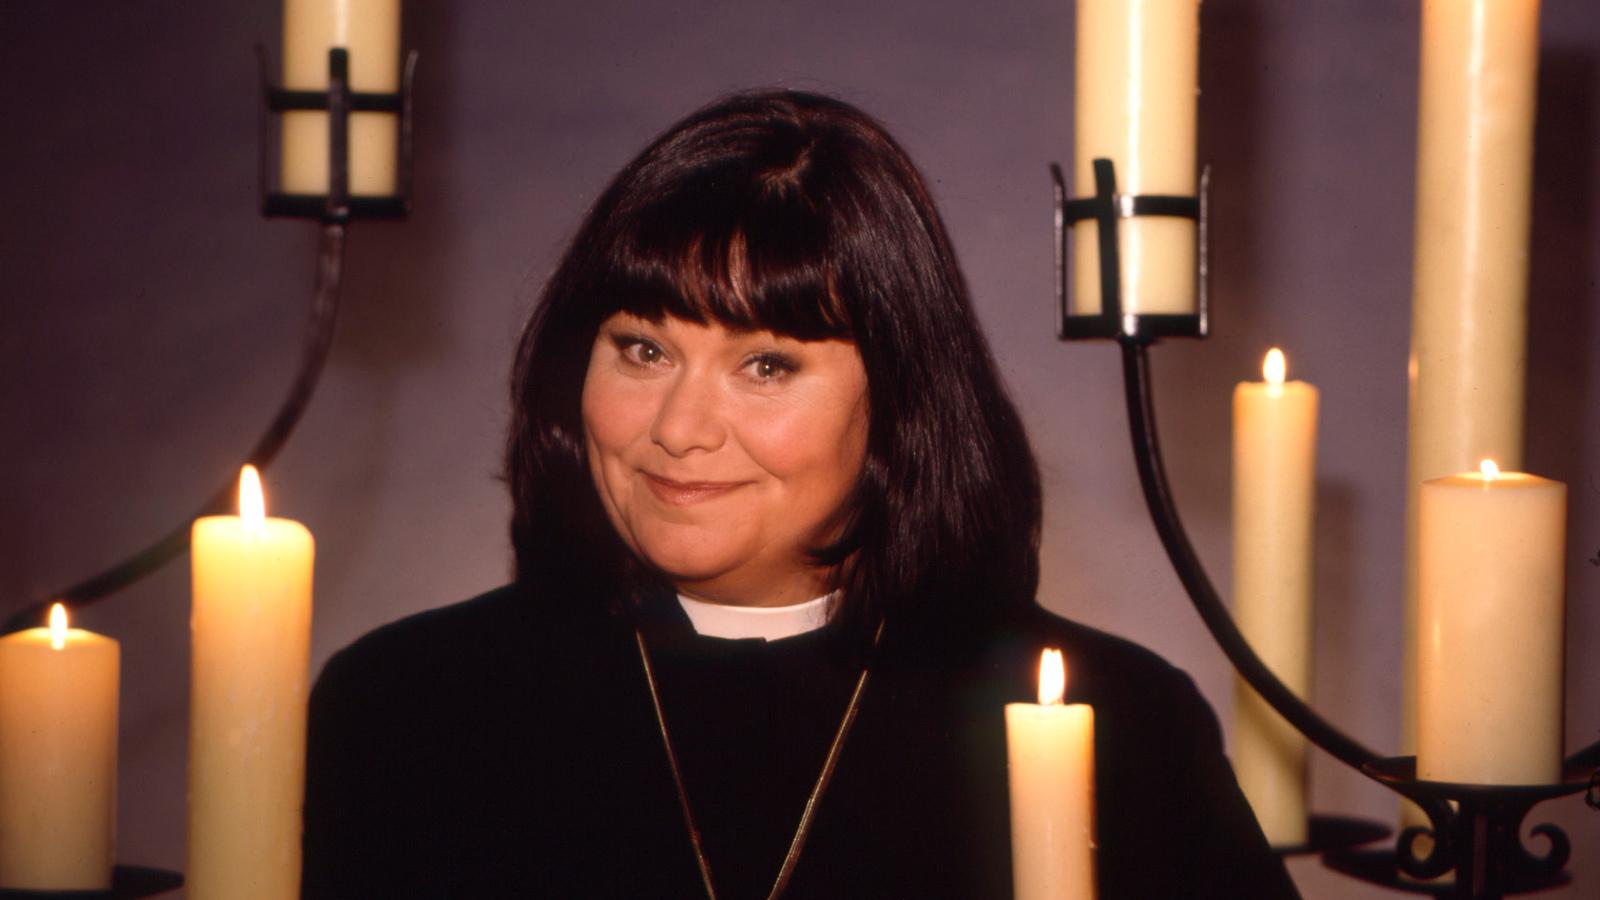 Nichelle Nichols born December 28, 1932 (age 85)